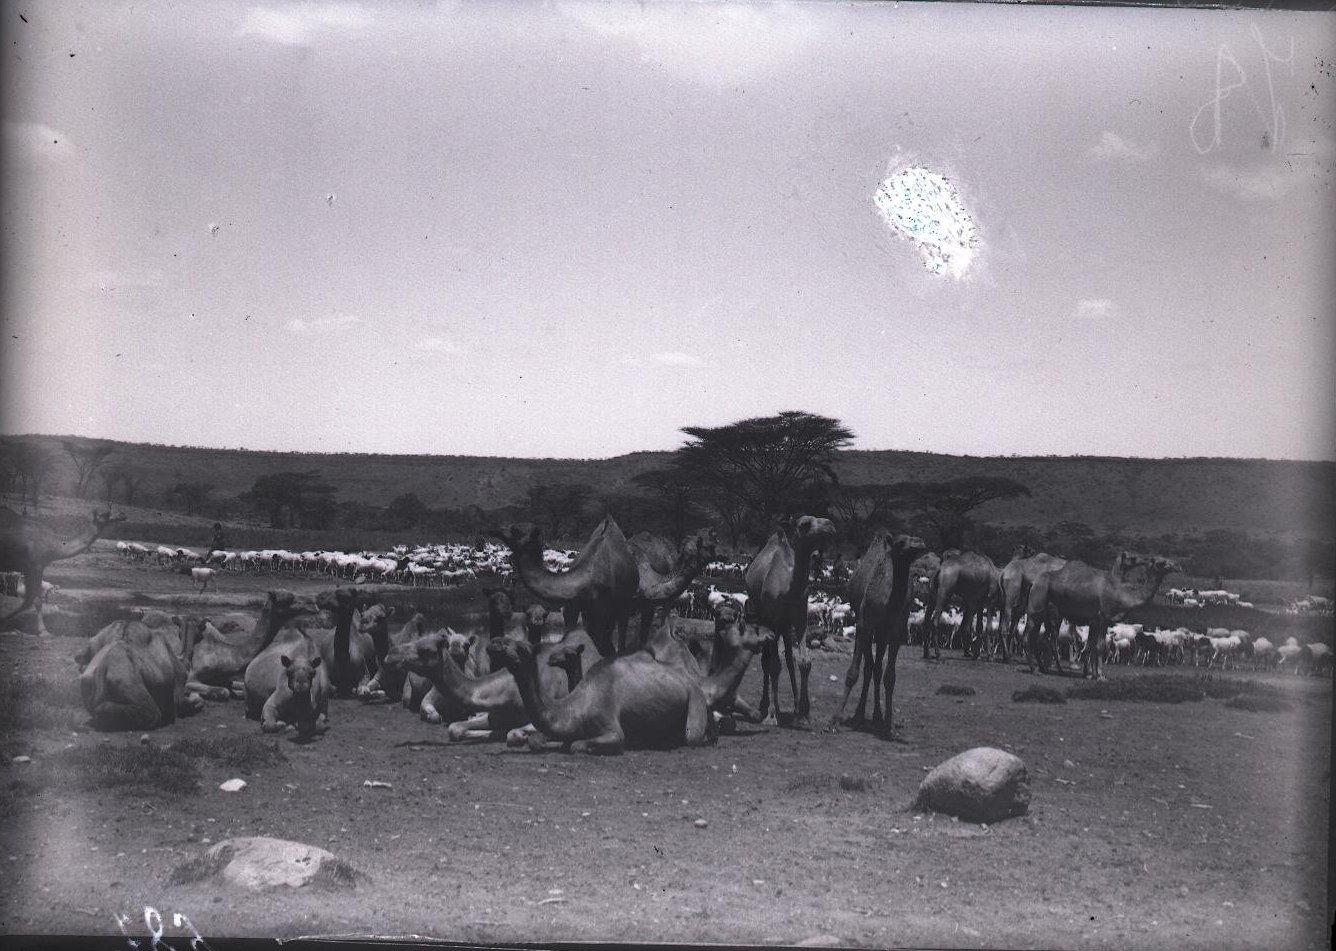 687. 1899. Фале. Караван верблюдов